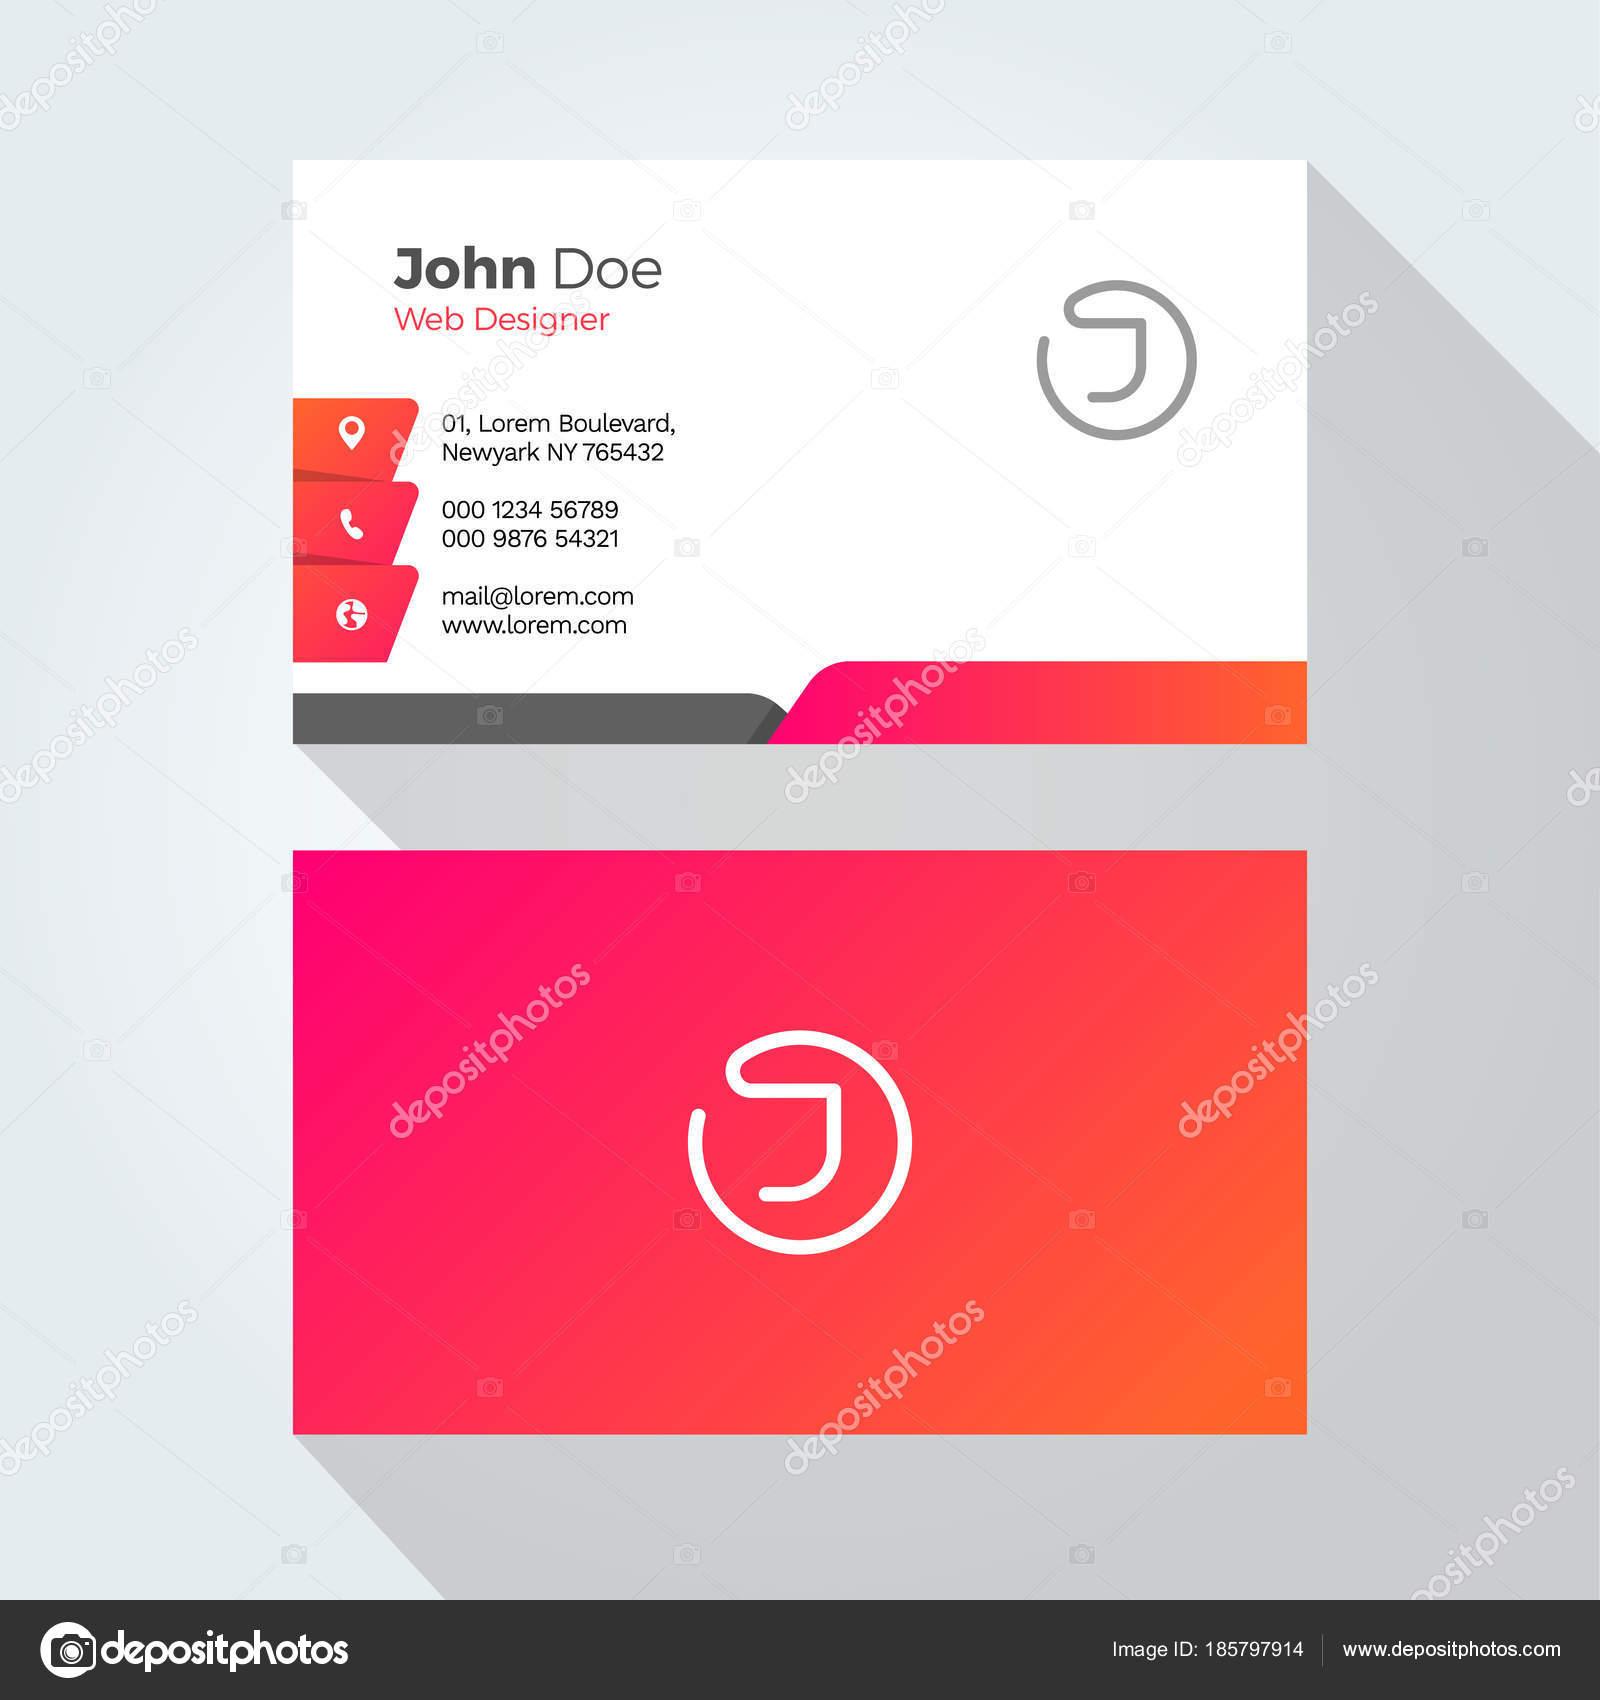 Plantilla Diseño Tarjeta Carta Mínima Abstracta Alfabeto Empresarial ...